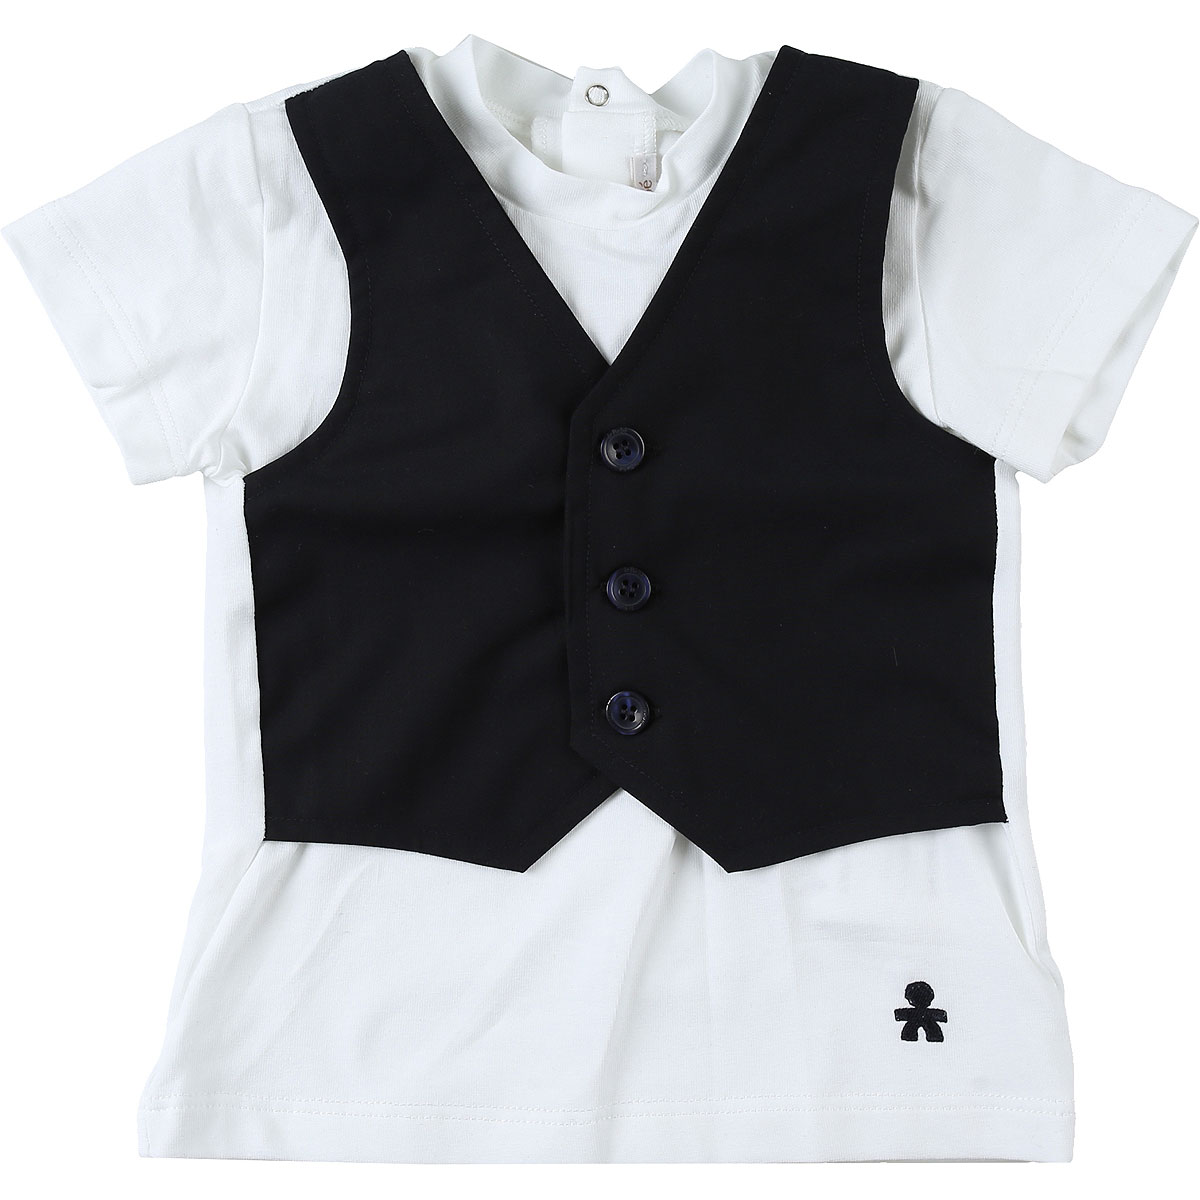 Le Bebe T-Shirt Bébé pour Garçon, Blanc, Coton, 2017, 12M 18M 6M